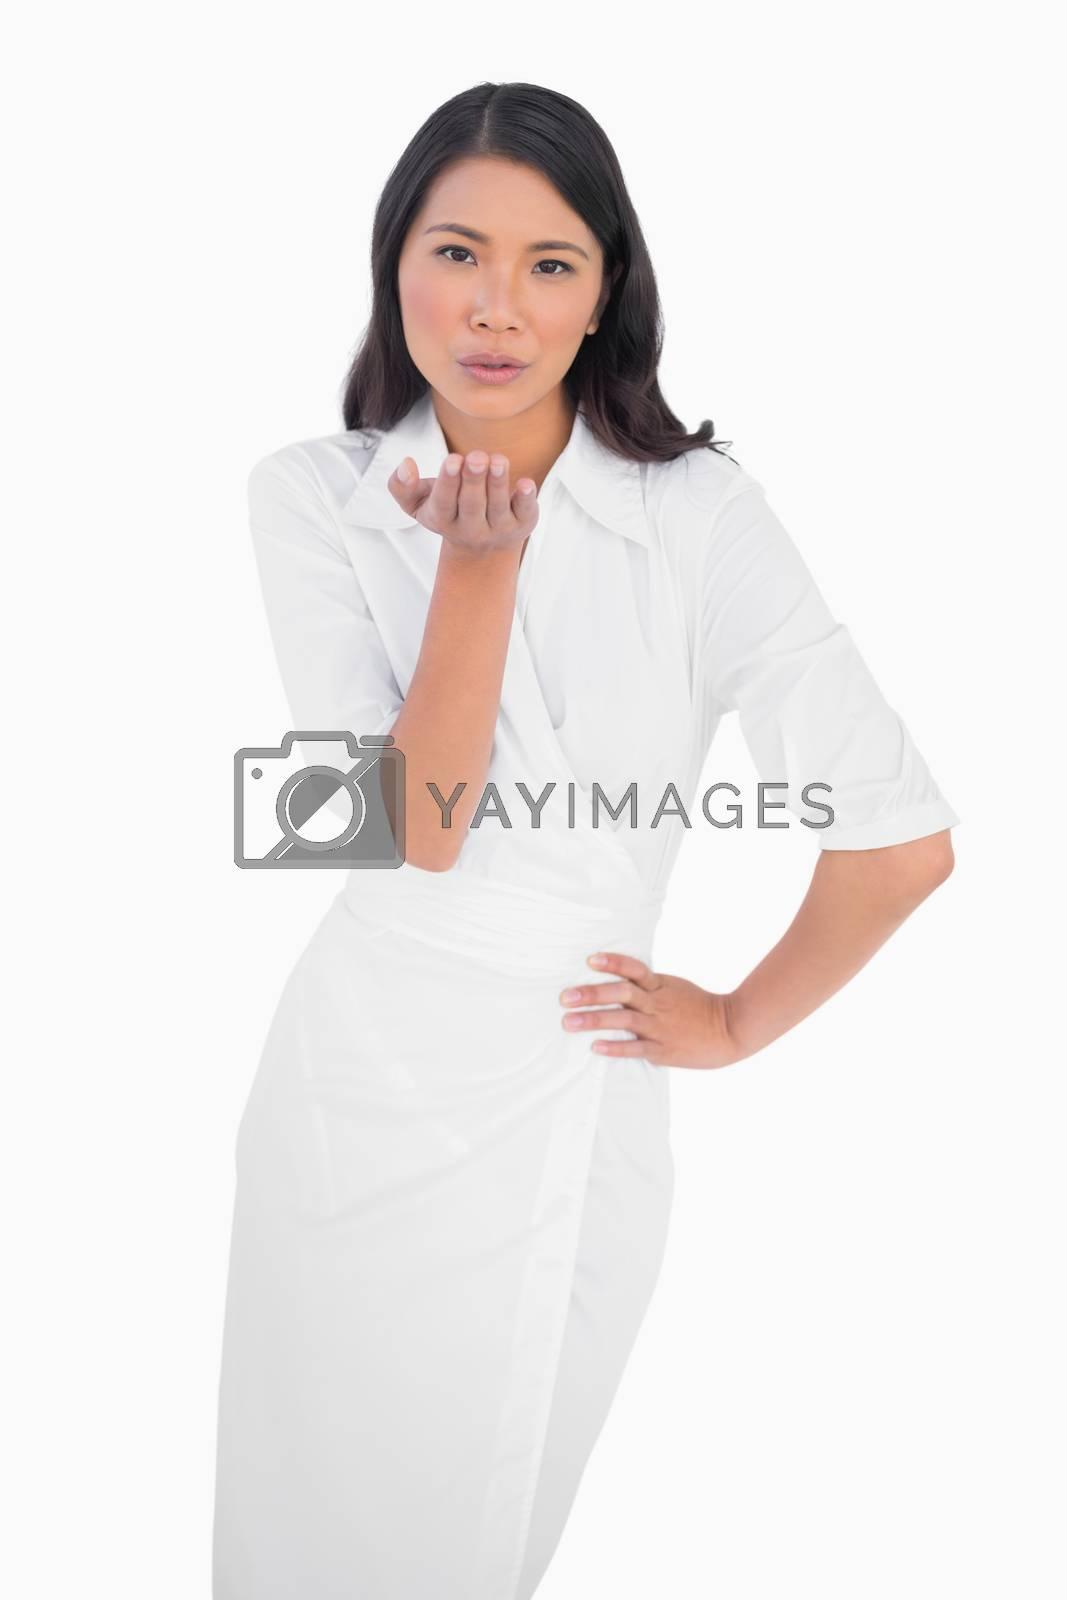 Elegant dark haired model wearing white dress kissing camera on white background